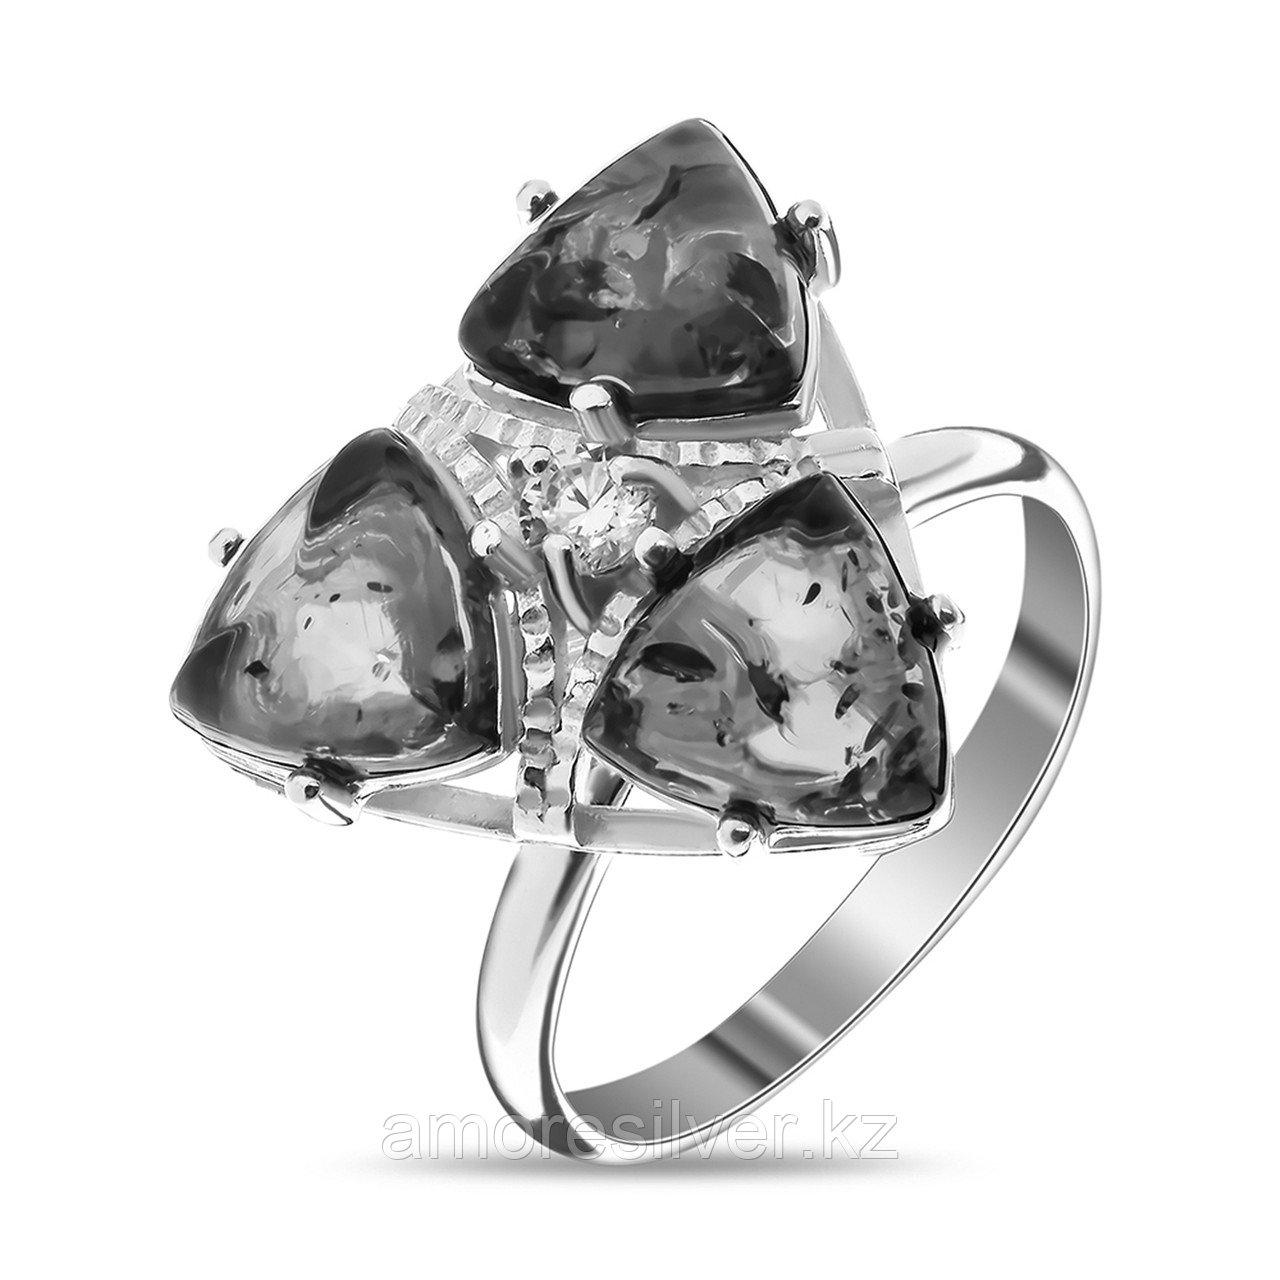 Кольцо Амулет серебро без покрытия, янтарь, геометрия 1.149